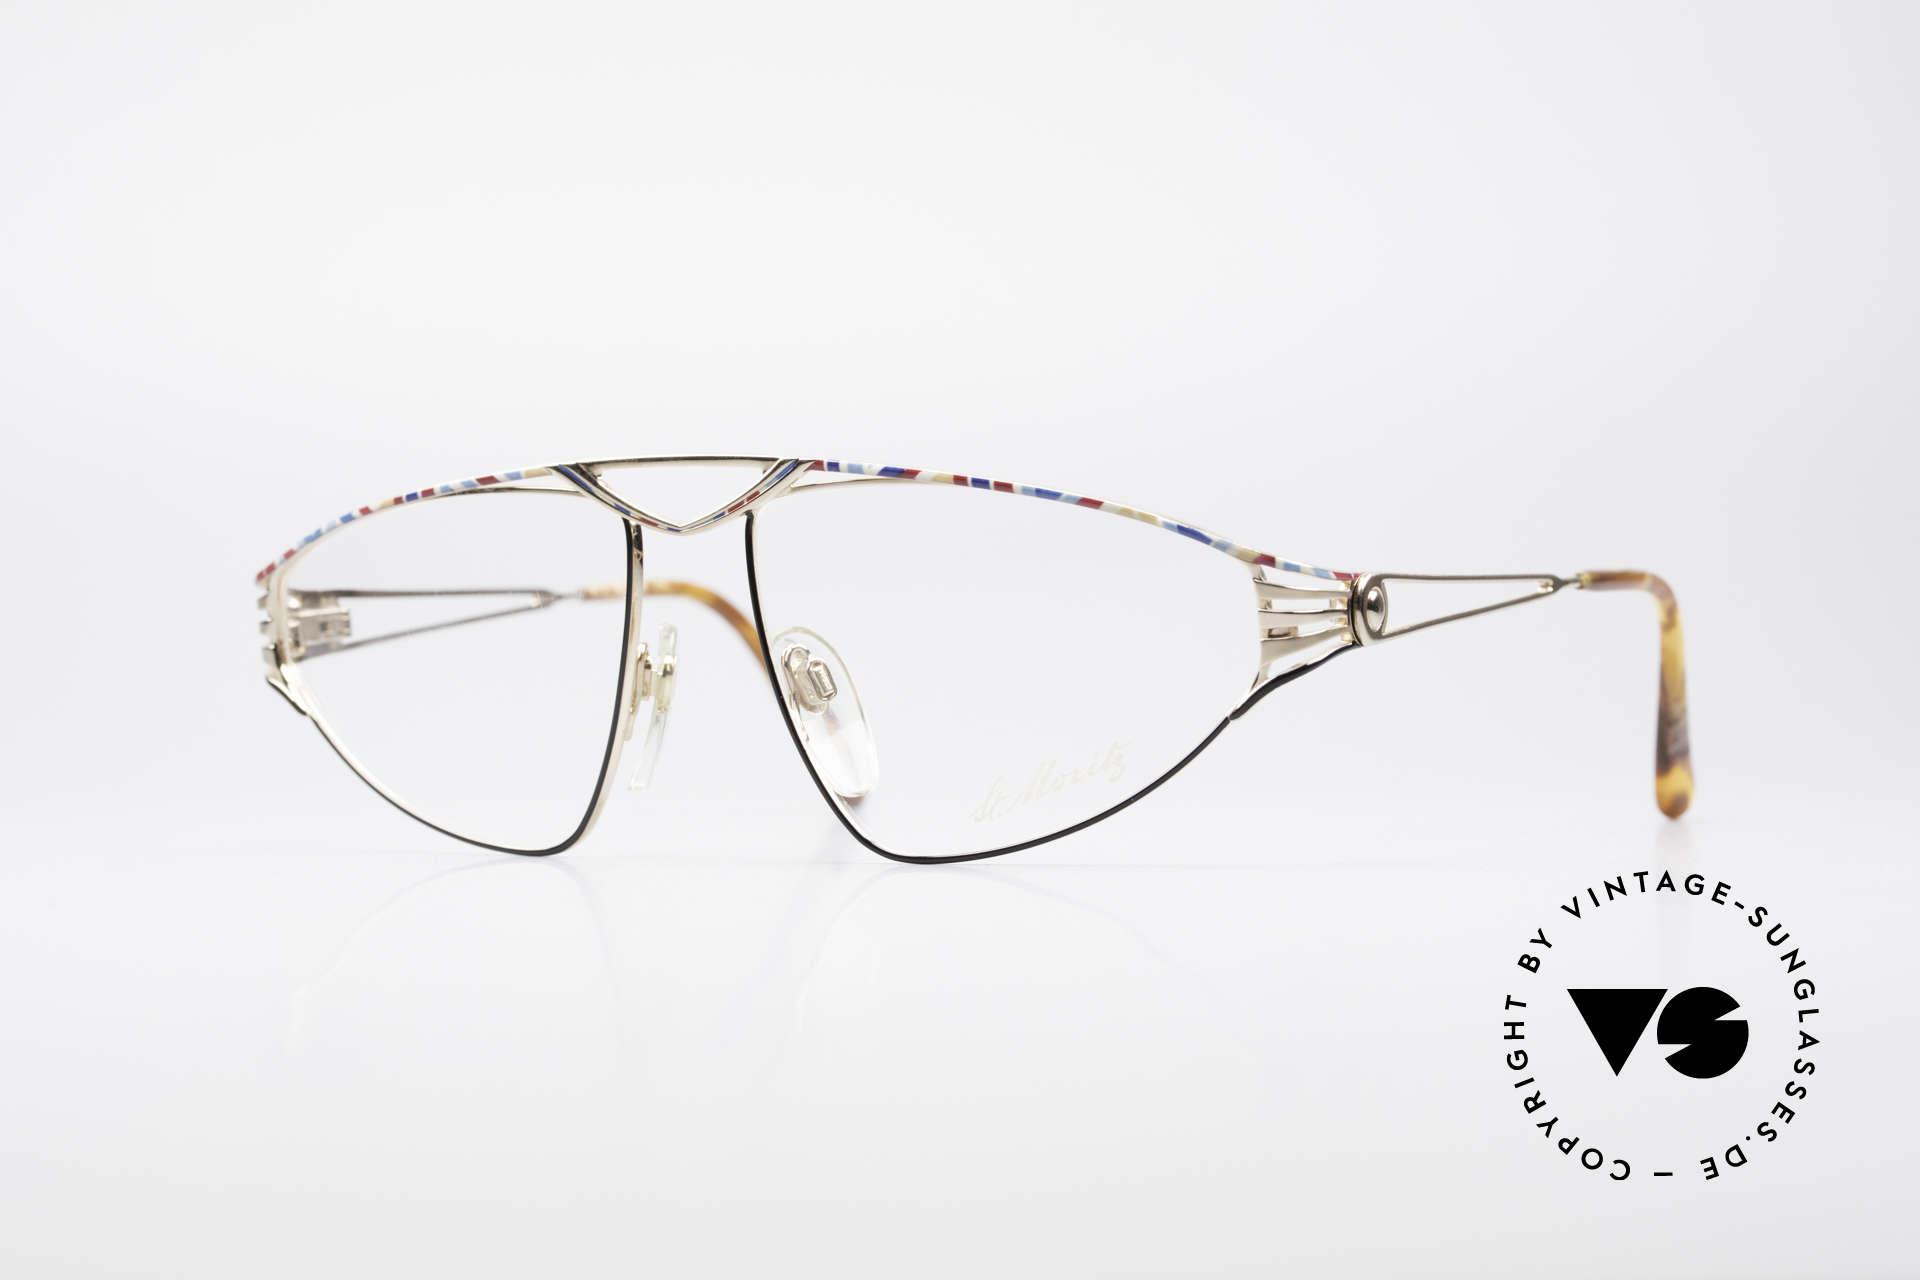 St. Moritz 4410 90's Luxury Eyeglasses, sensational St. Moritz vintage eyeglasses of the 1990s, Made for Women